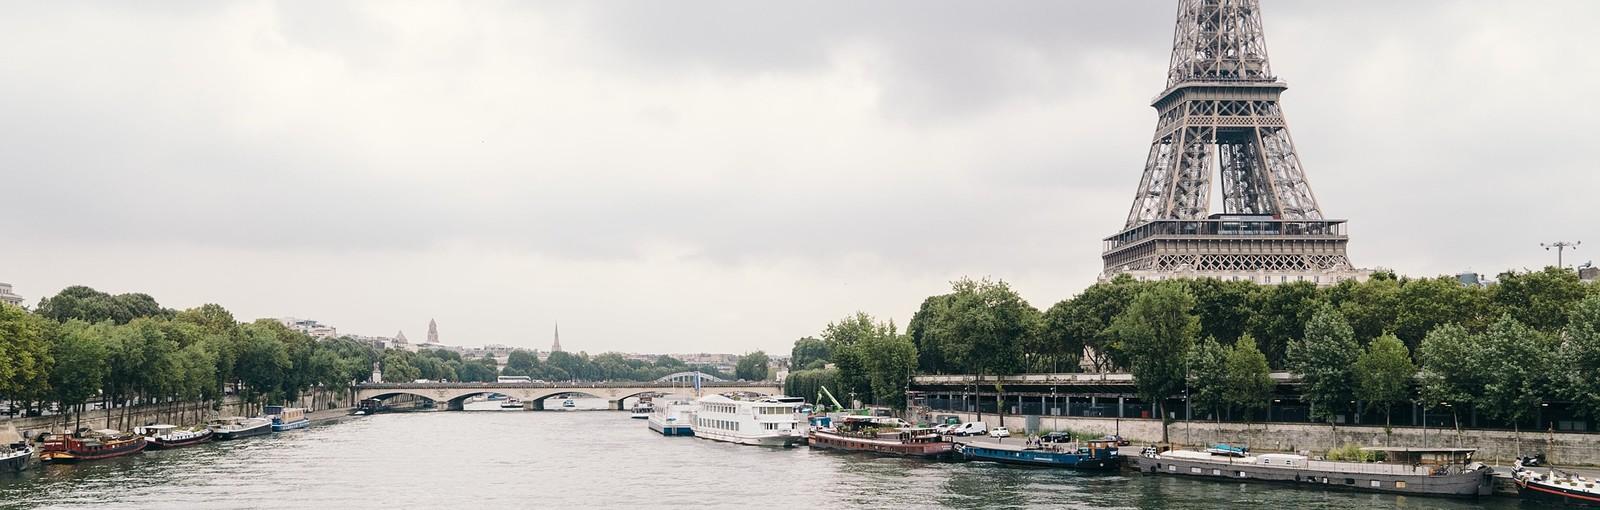 Tours Visite de Paris - Tours de ville - Visites de Paris